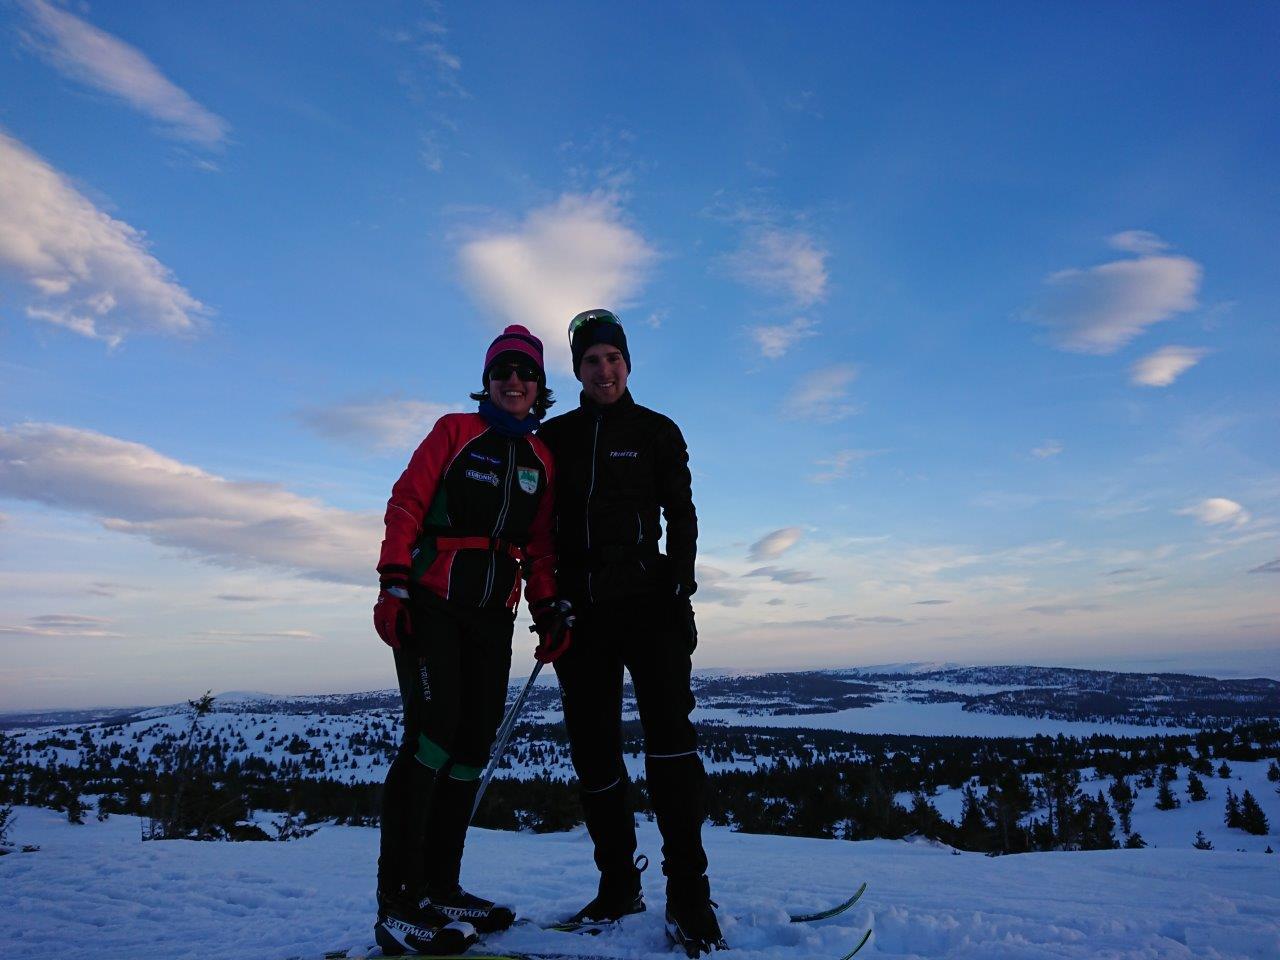 Tolles Wochenende mit meiner Mutter in Norwegen